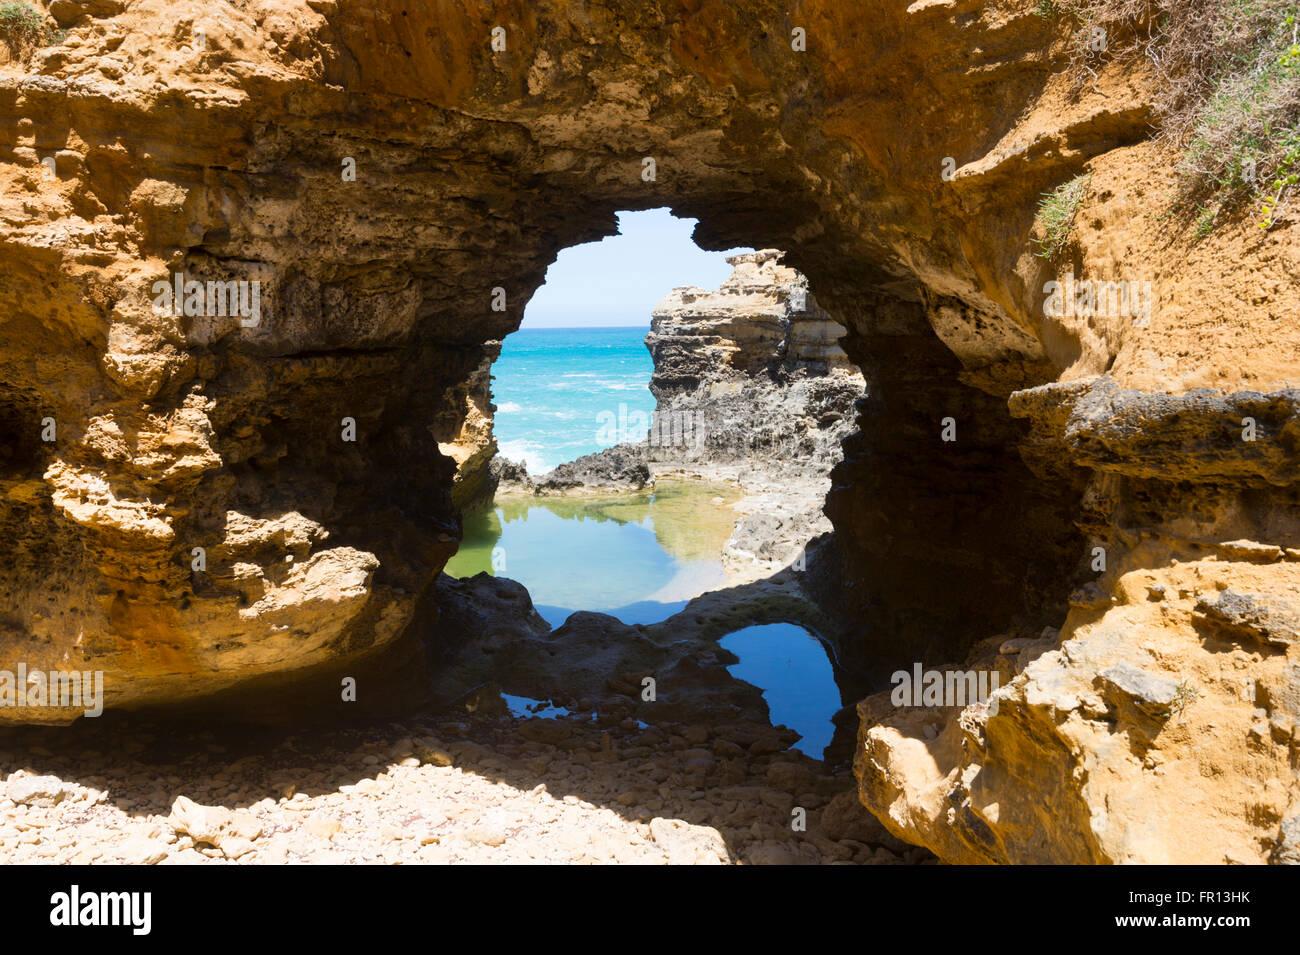 La grotta, Great Ocean Road, Victoria, VIC, Australia Immagini Stock